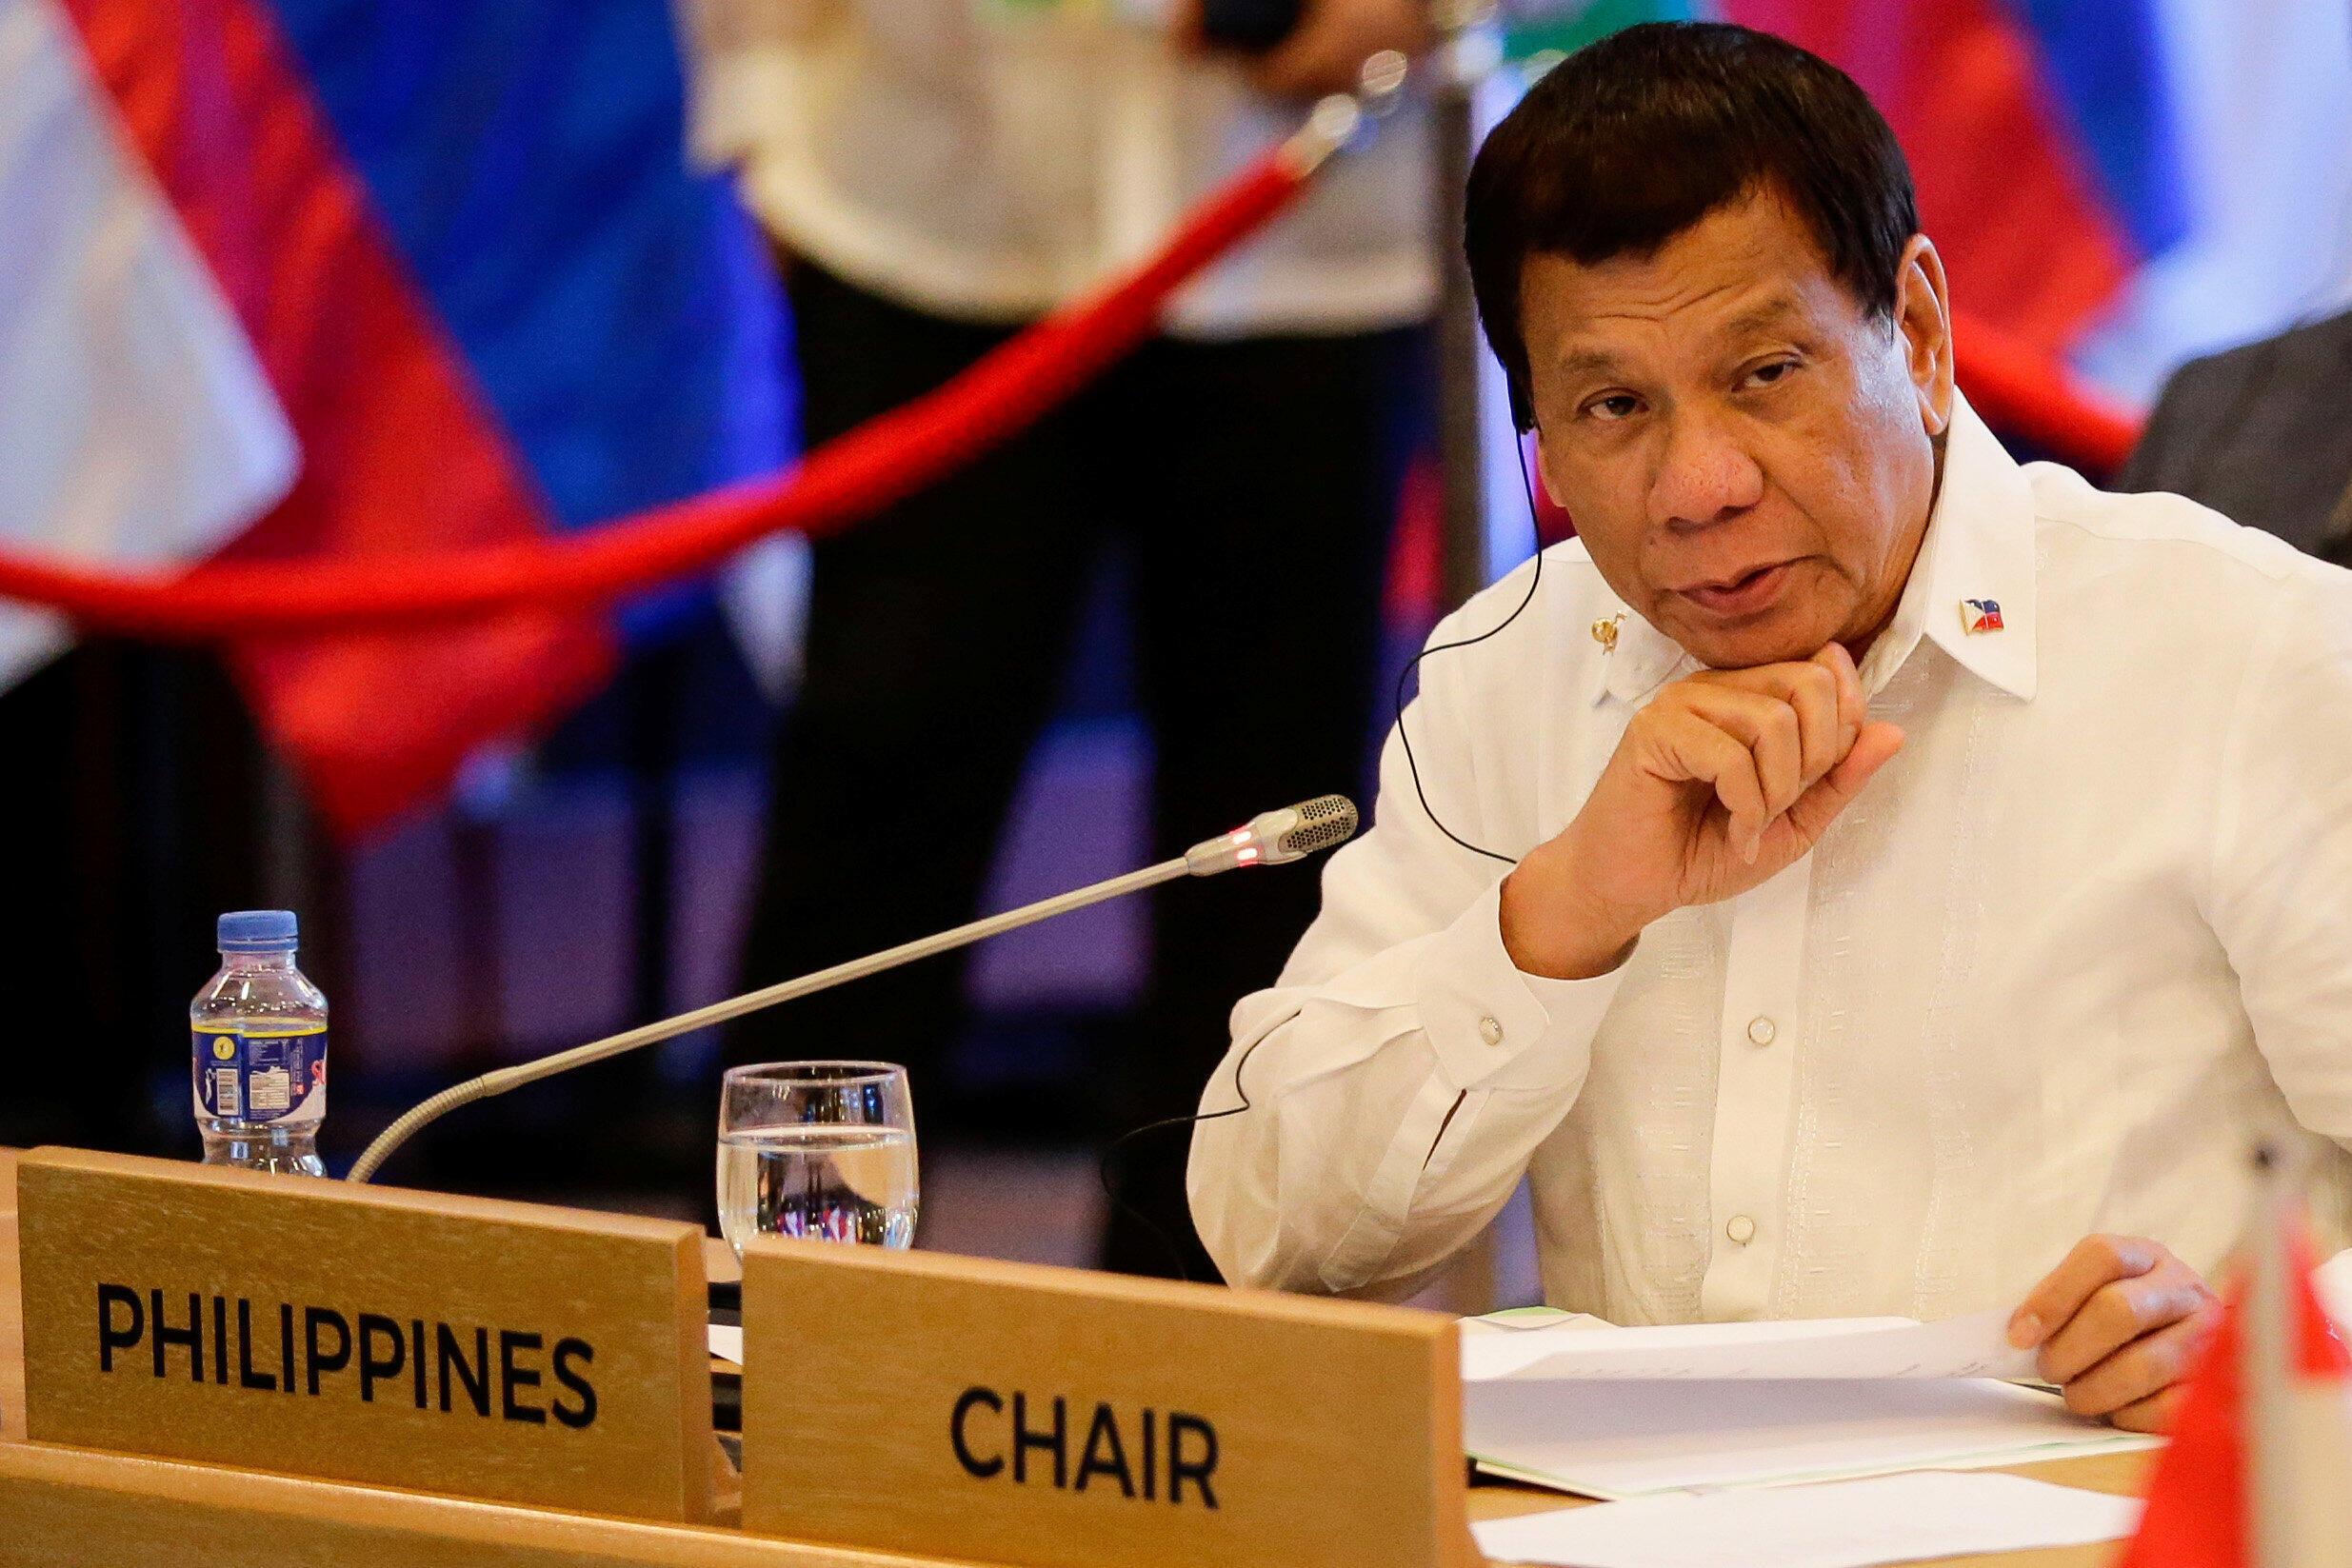 菲律賓總統杜特爾特主持東盟峰會 2017年11月13日